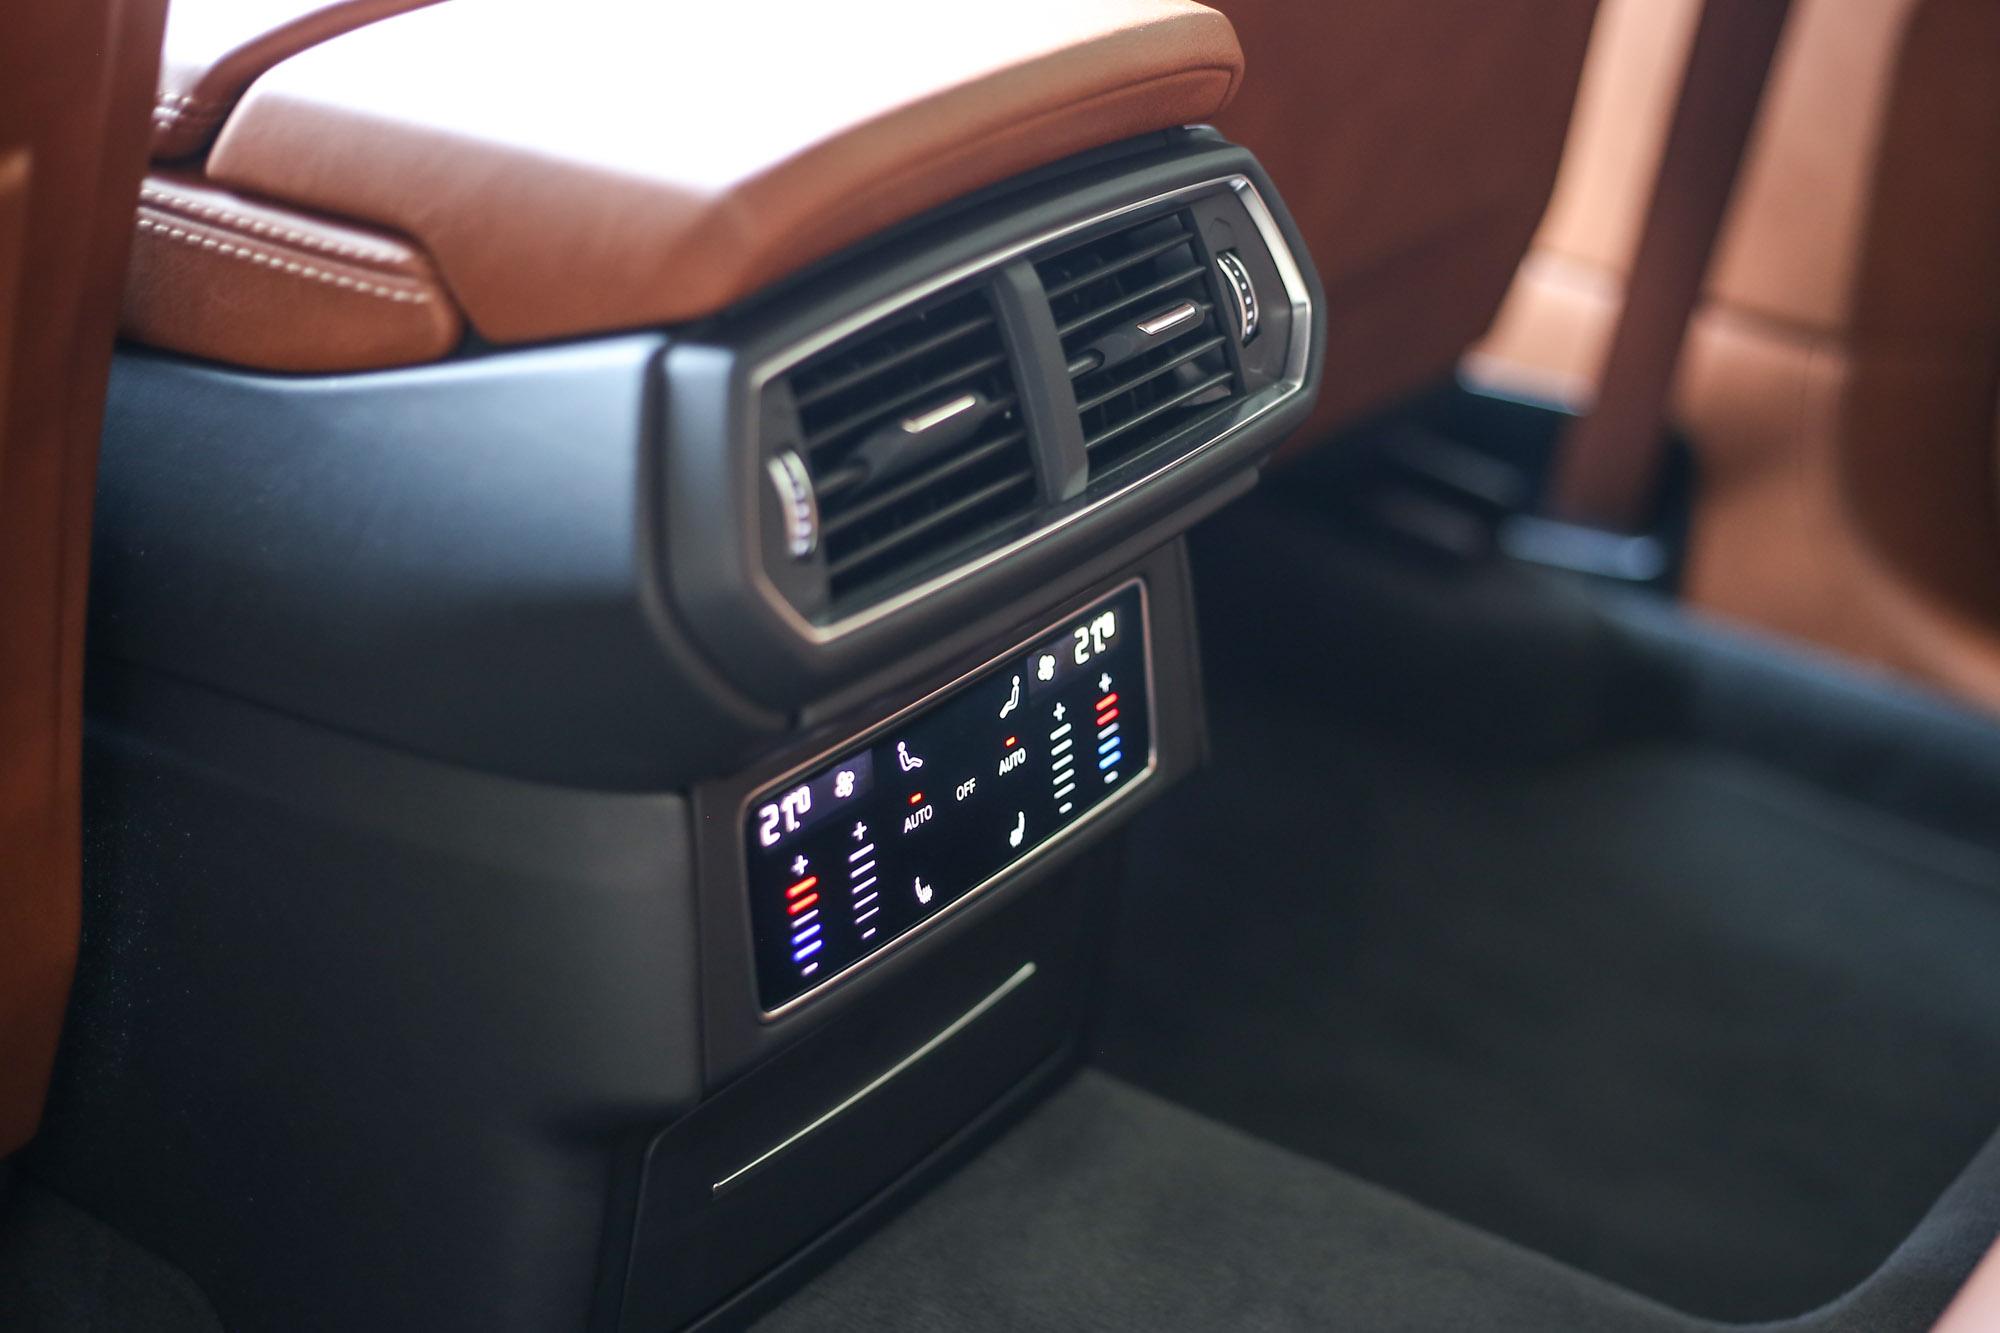 四區恆溫空調配備,座艙內每位乘客都可調整出最適合自己的舒適溫度。